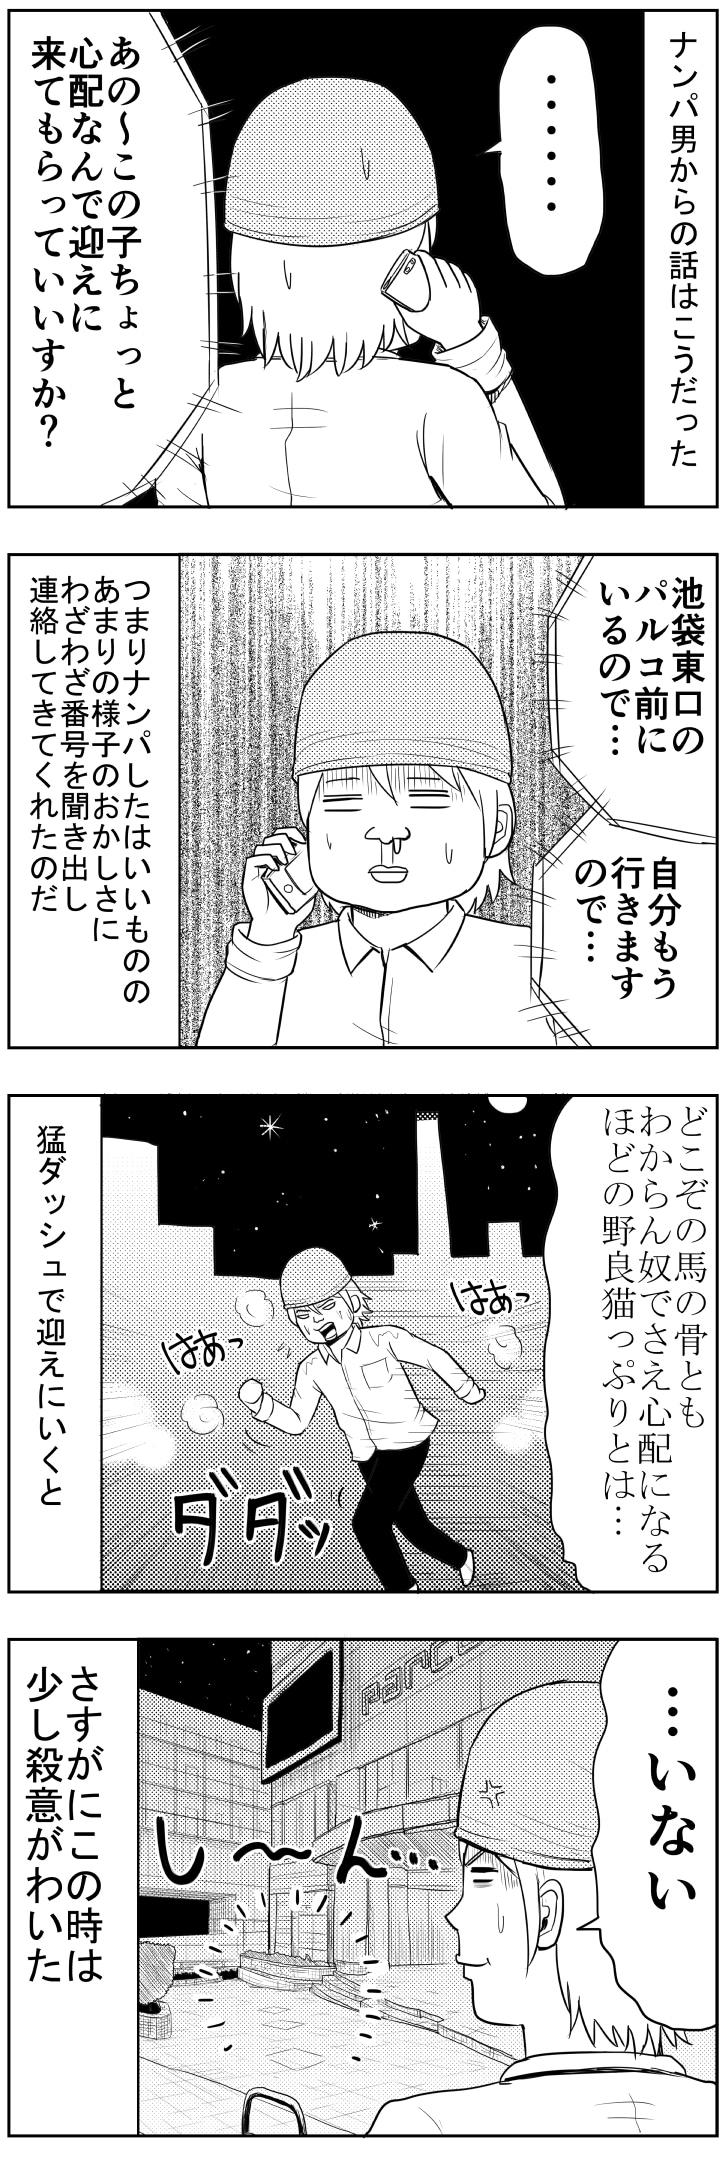 ナンパ男からの電話【漫画~キヒロの青春】㊾